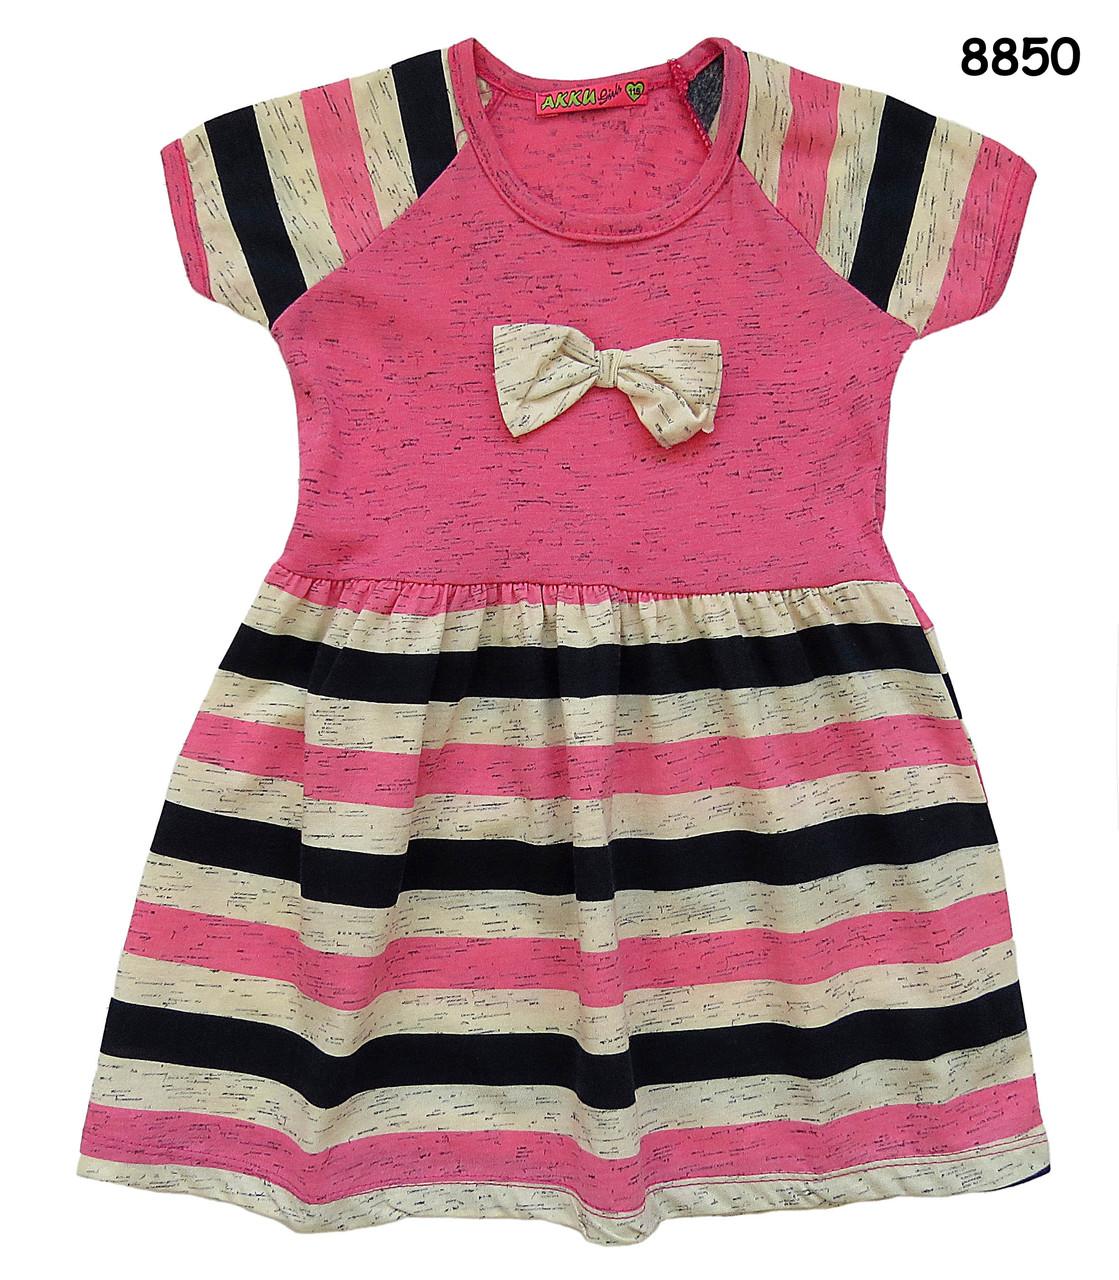 Купить Платье Для Девочки Летнее